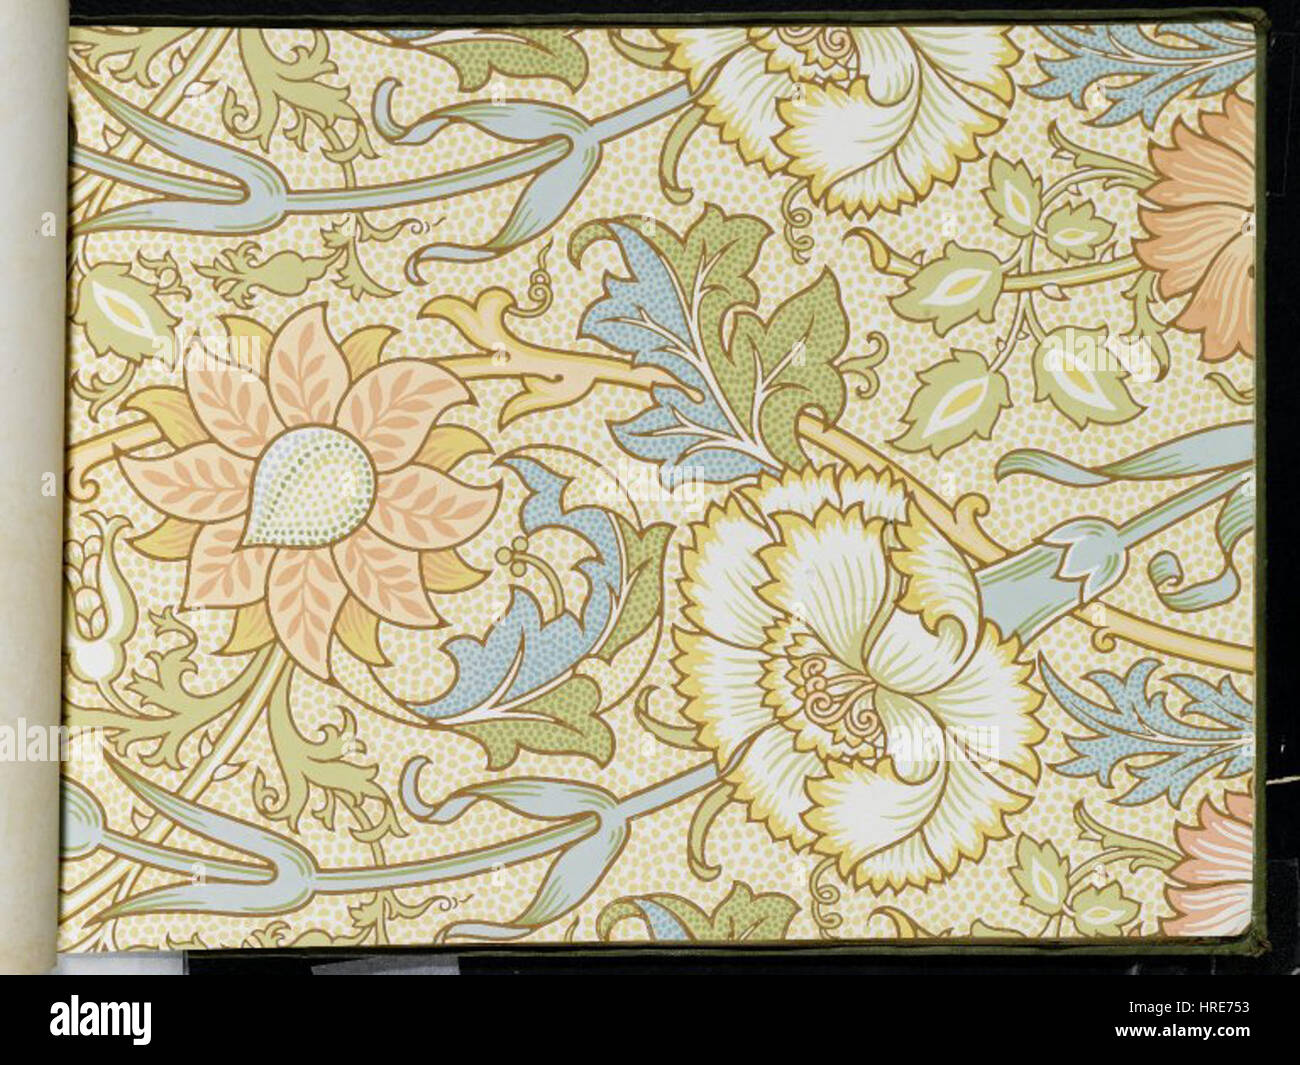 William Morris Wallpaper Stock Photos & William Morris Wallpaper ...